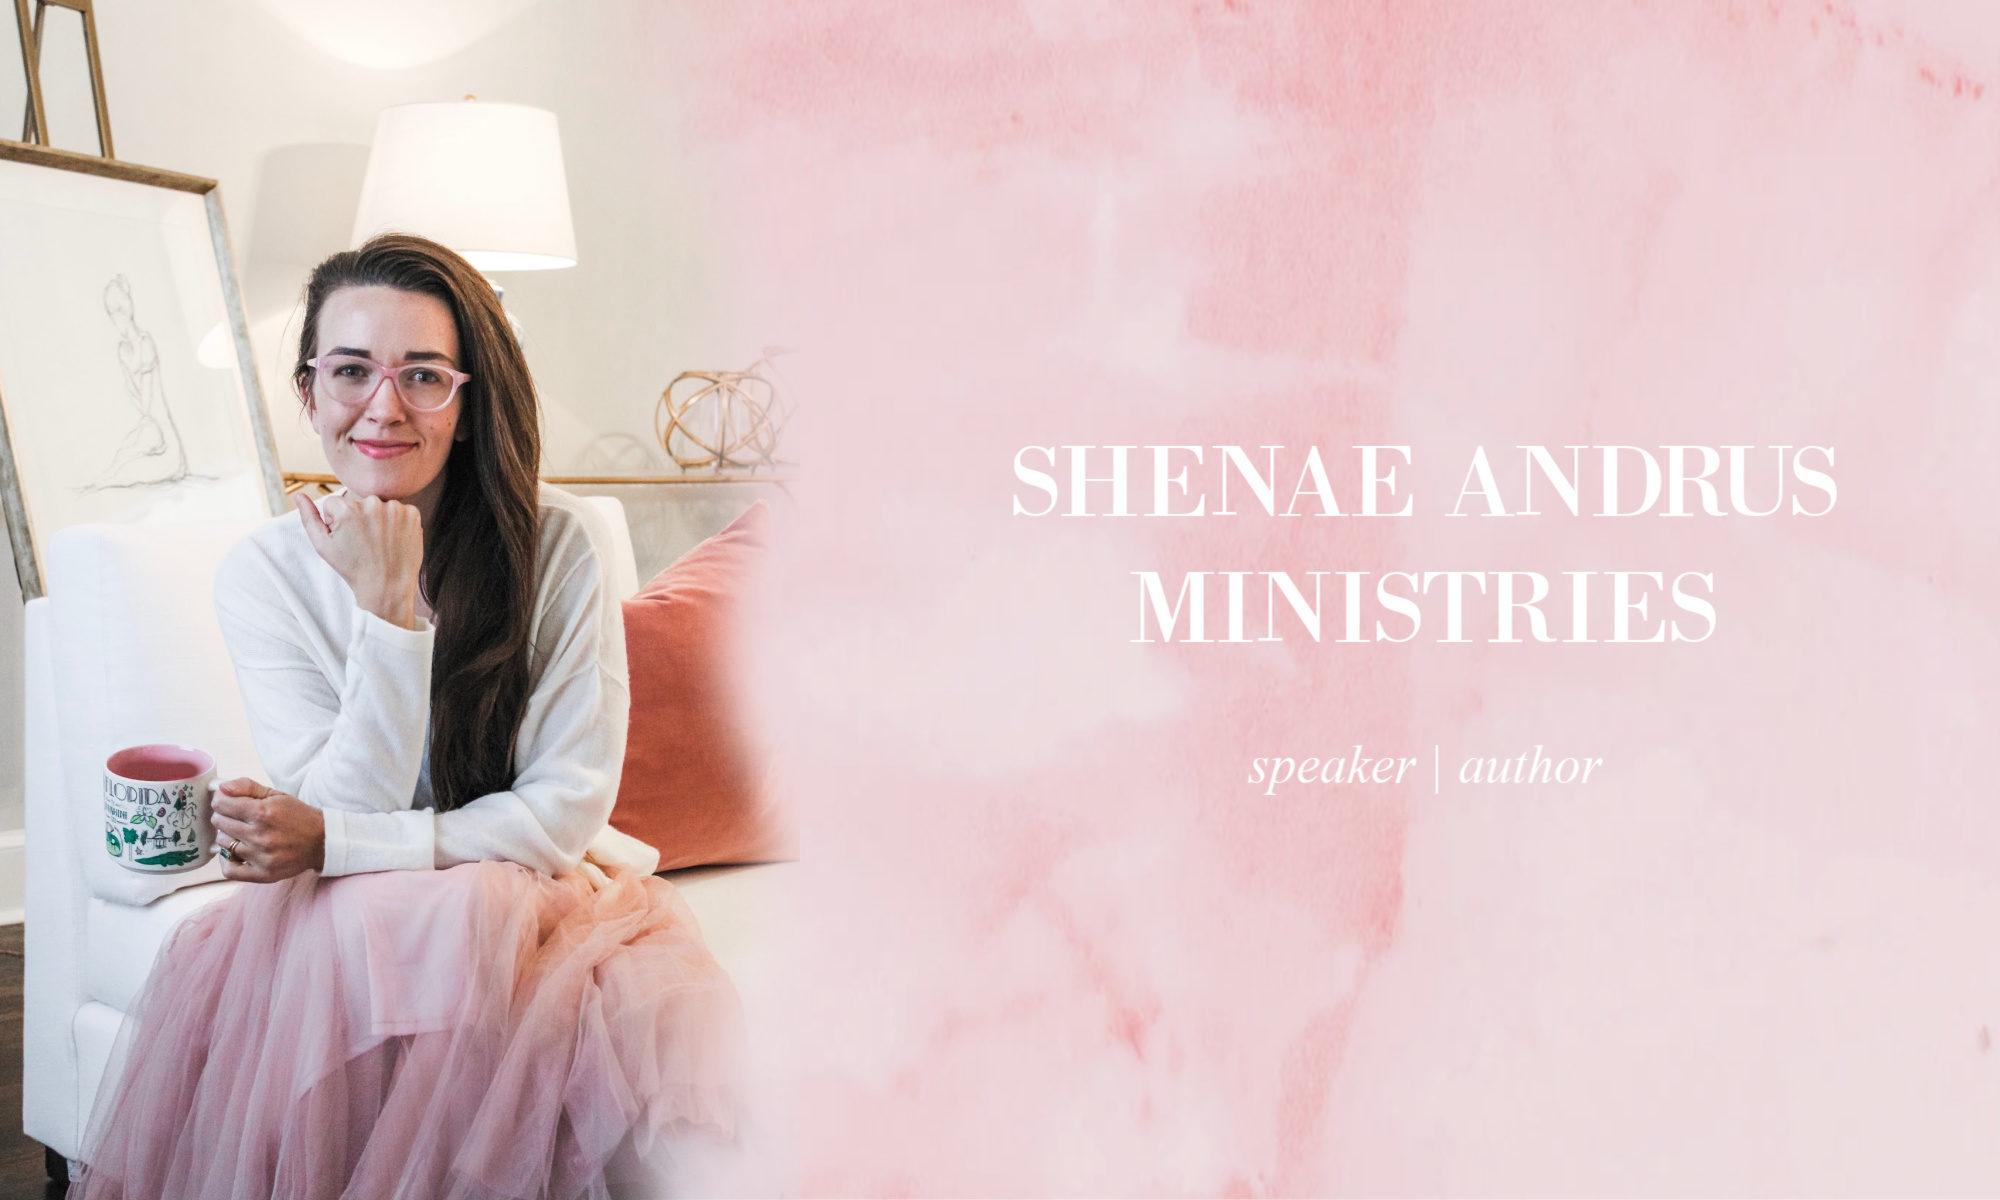 Shenae Andrus